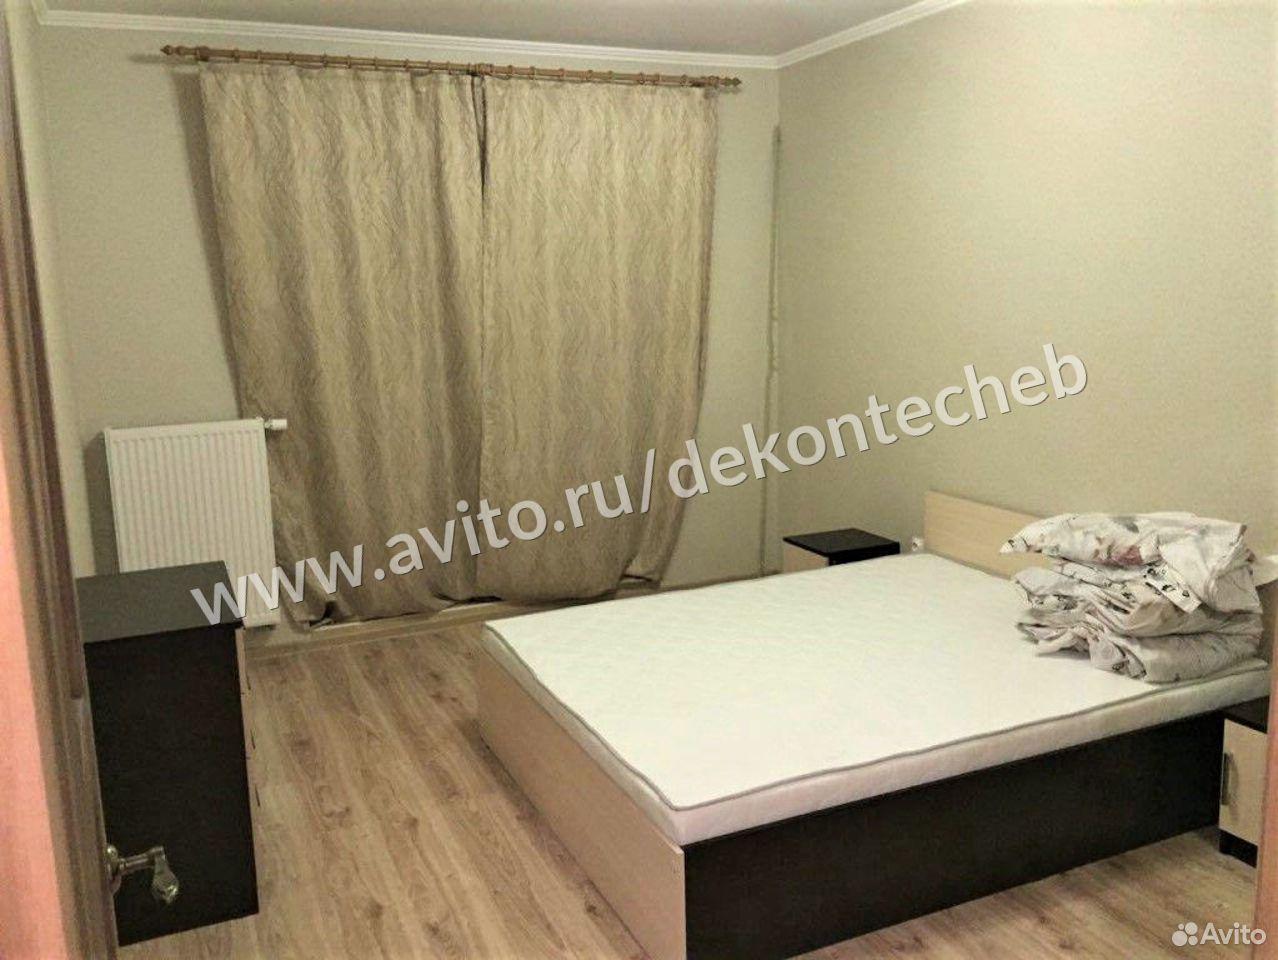 Кровать новая двуспальная  89296686722 купить 2